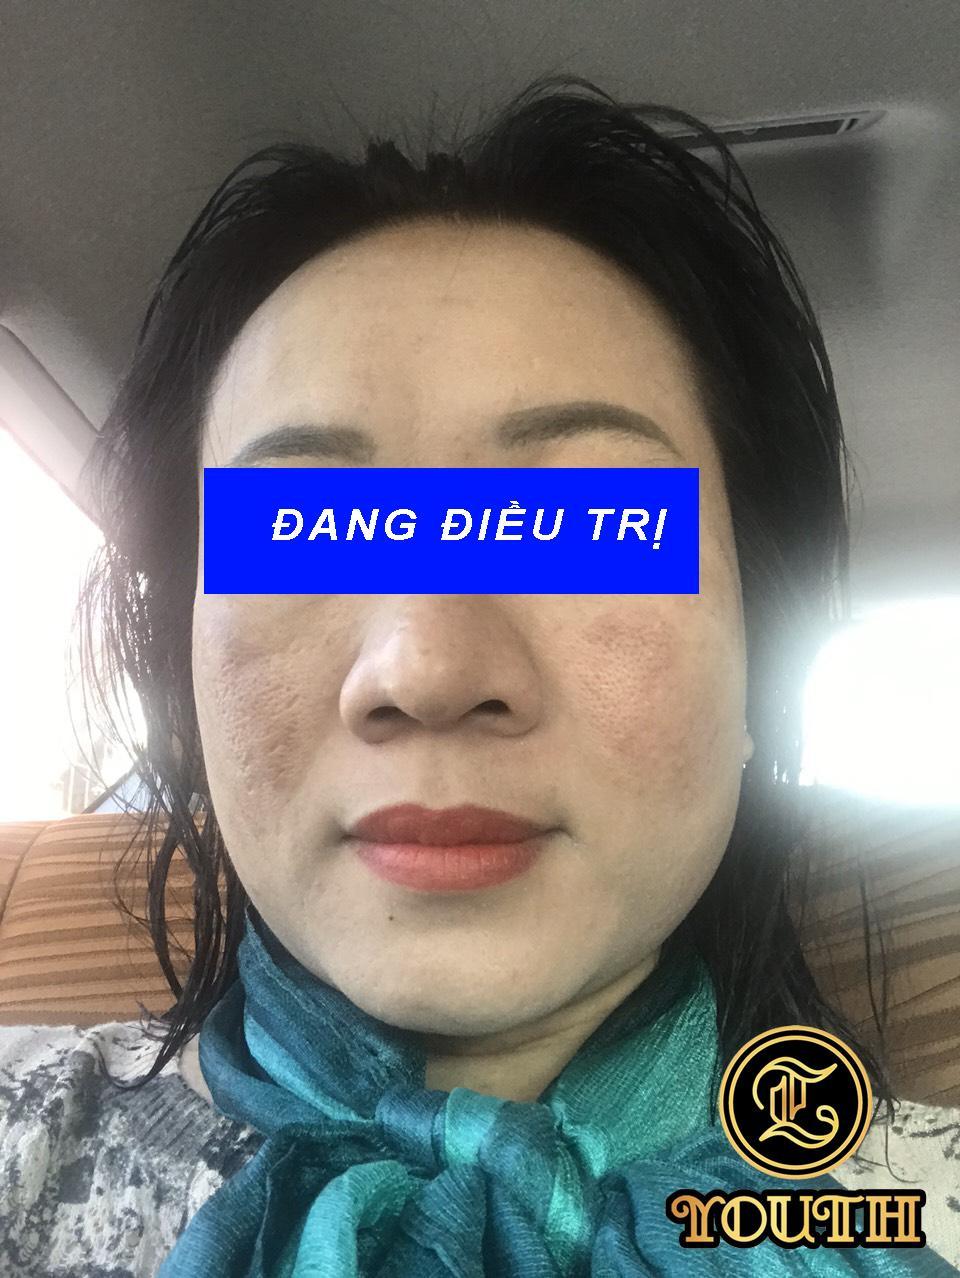 Giám đốc Lê Phạm phục hồi mạnh mẽ sau biến chứng của điều trị da không đúng cách - Ảnh 3